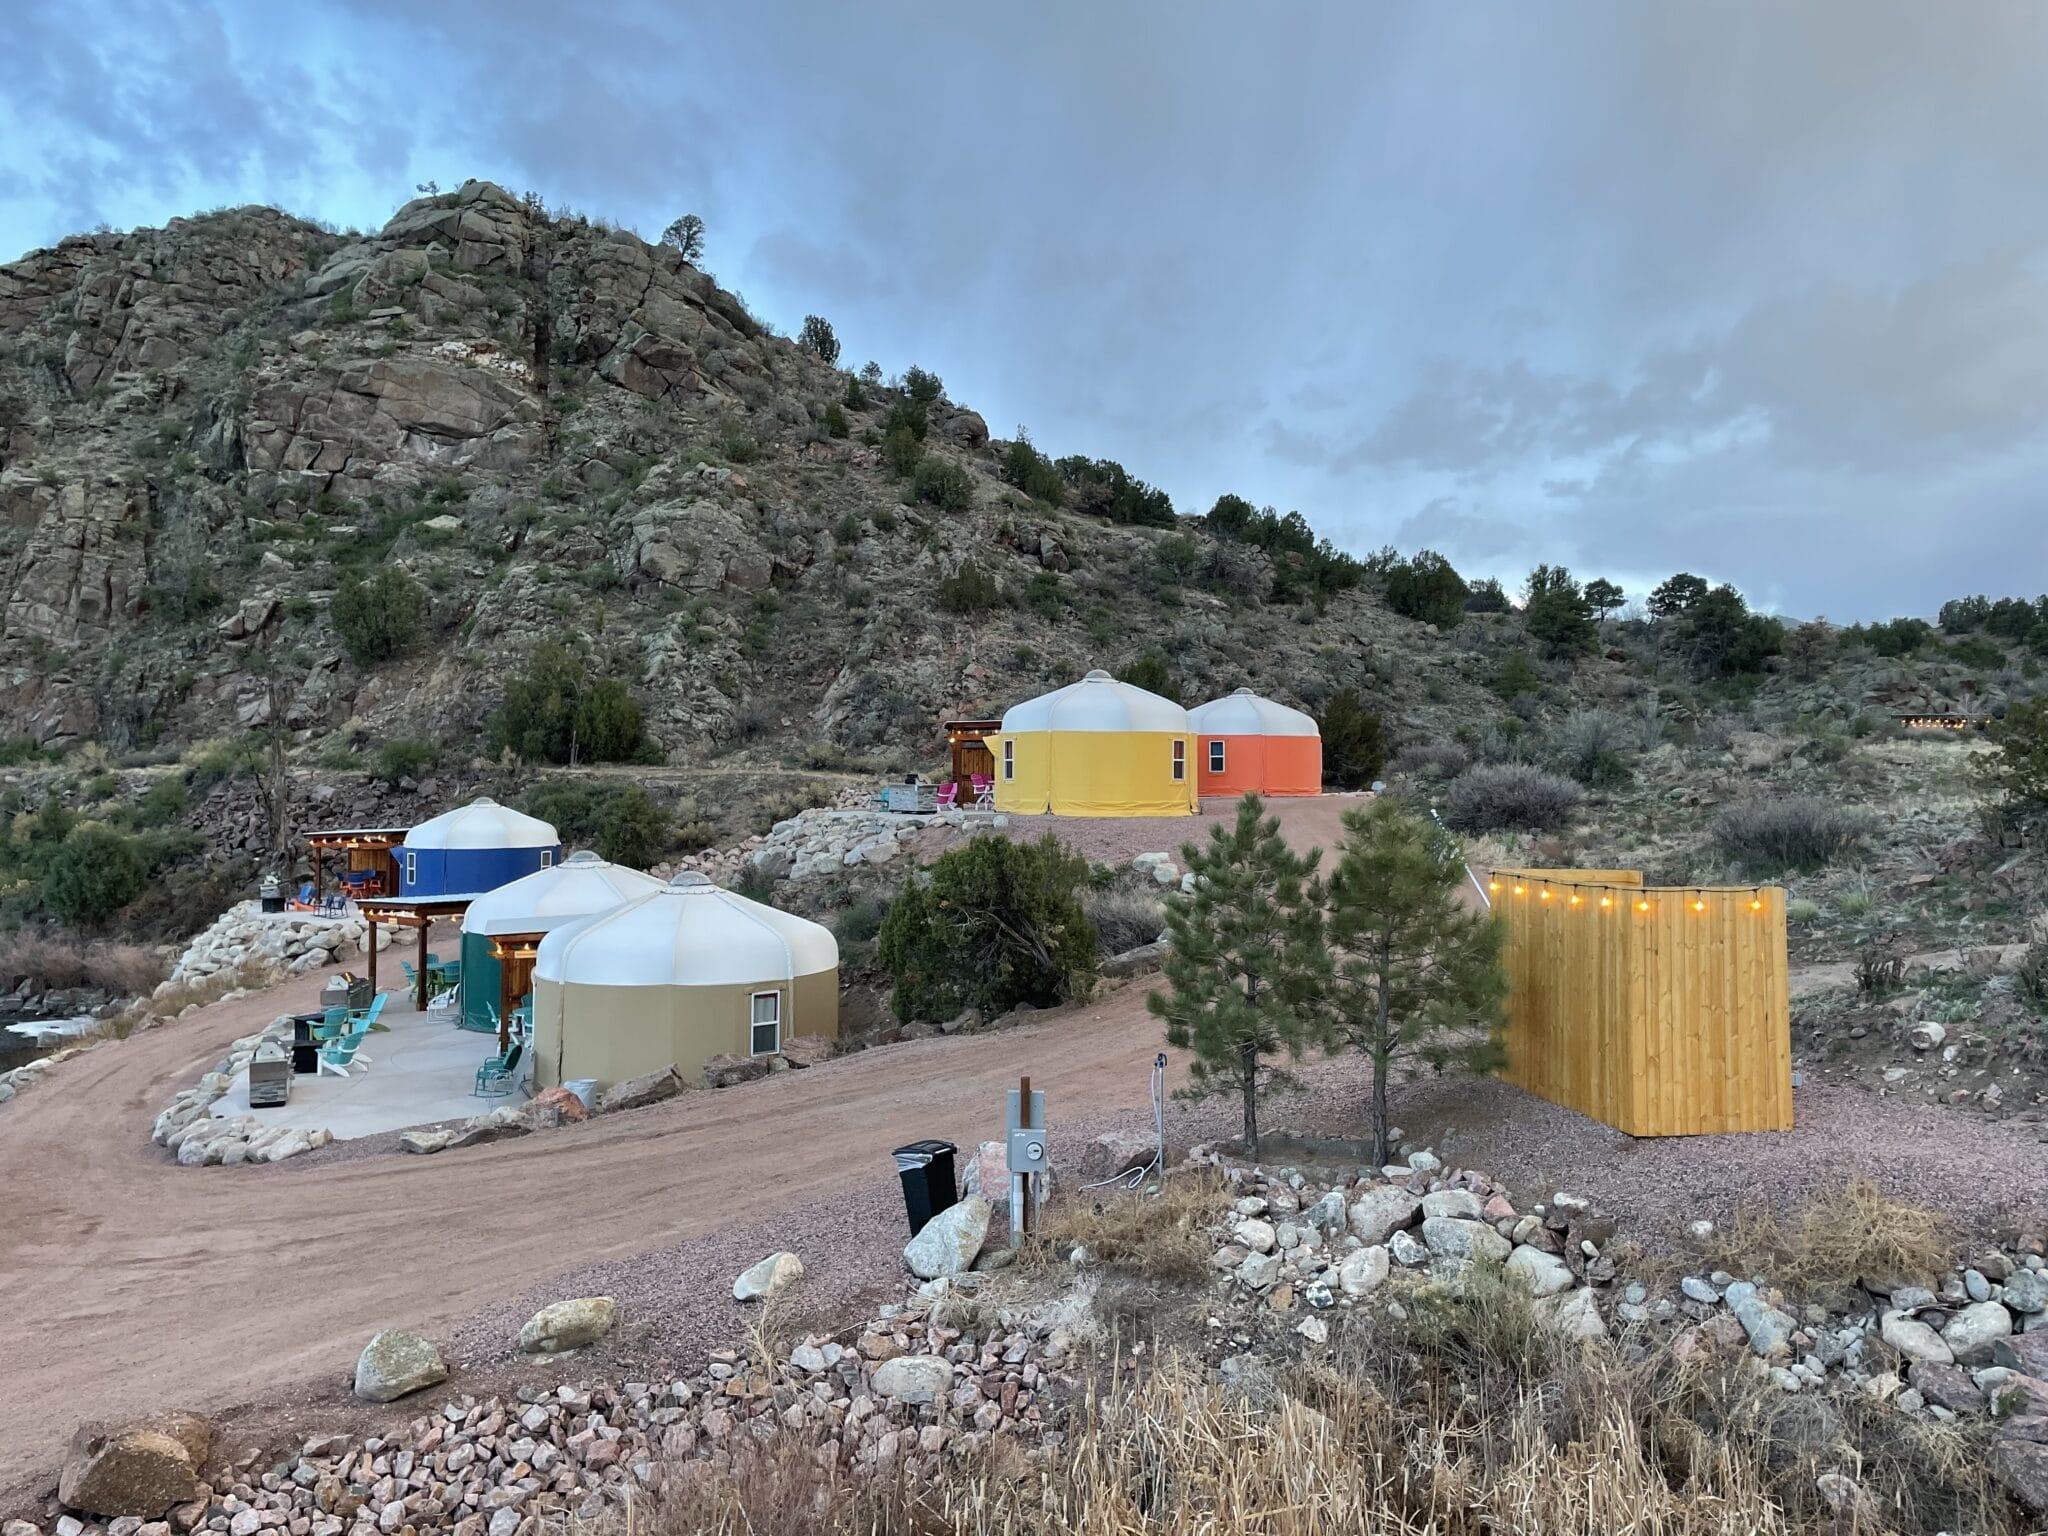 image of glamping yurts